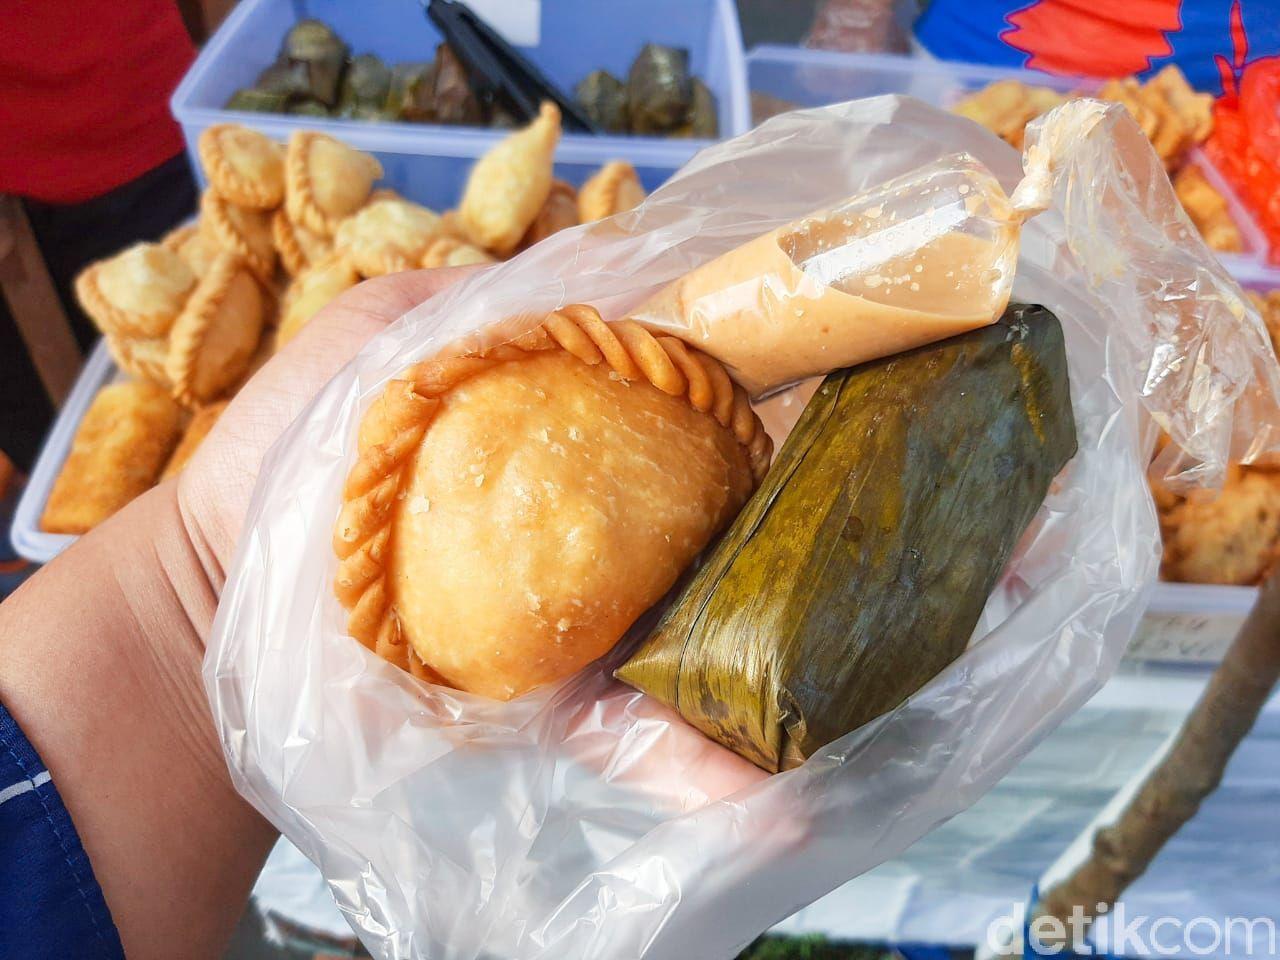 Berburu takjil di Benhil dengan bawa uang Rp 20 ribu. Bisa dapat piscok, pastel, lontong, hingga es buah.